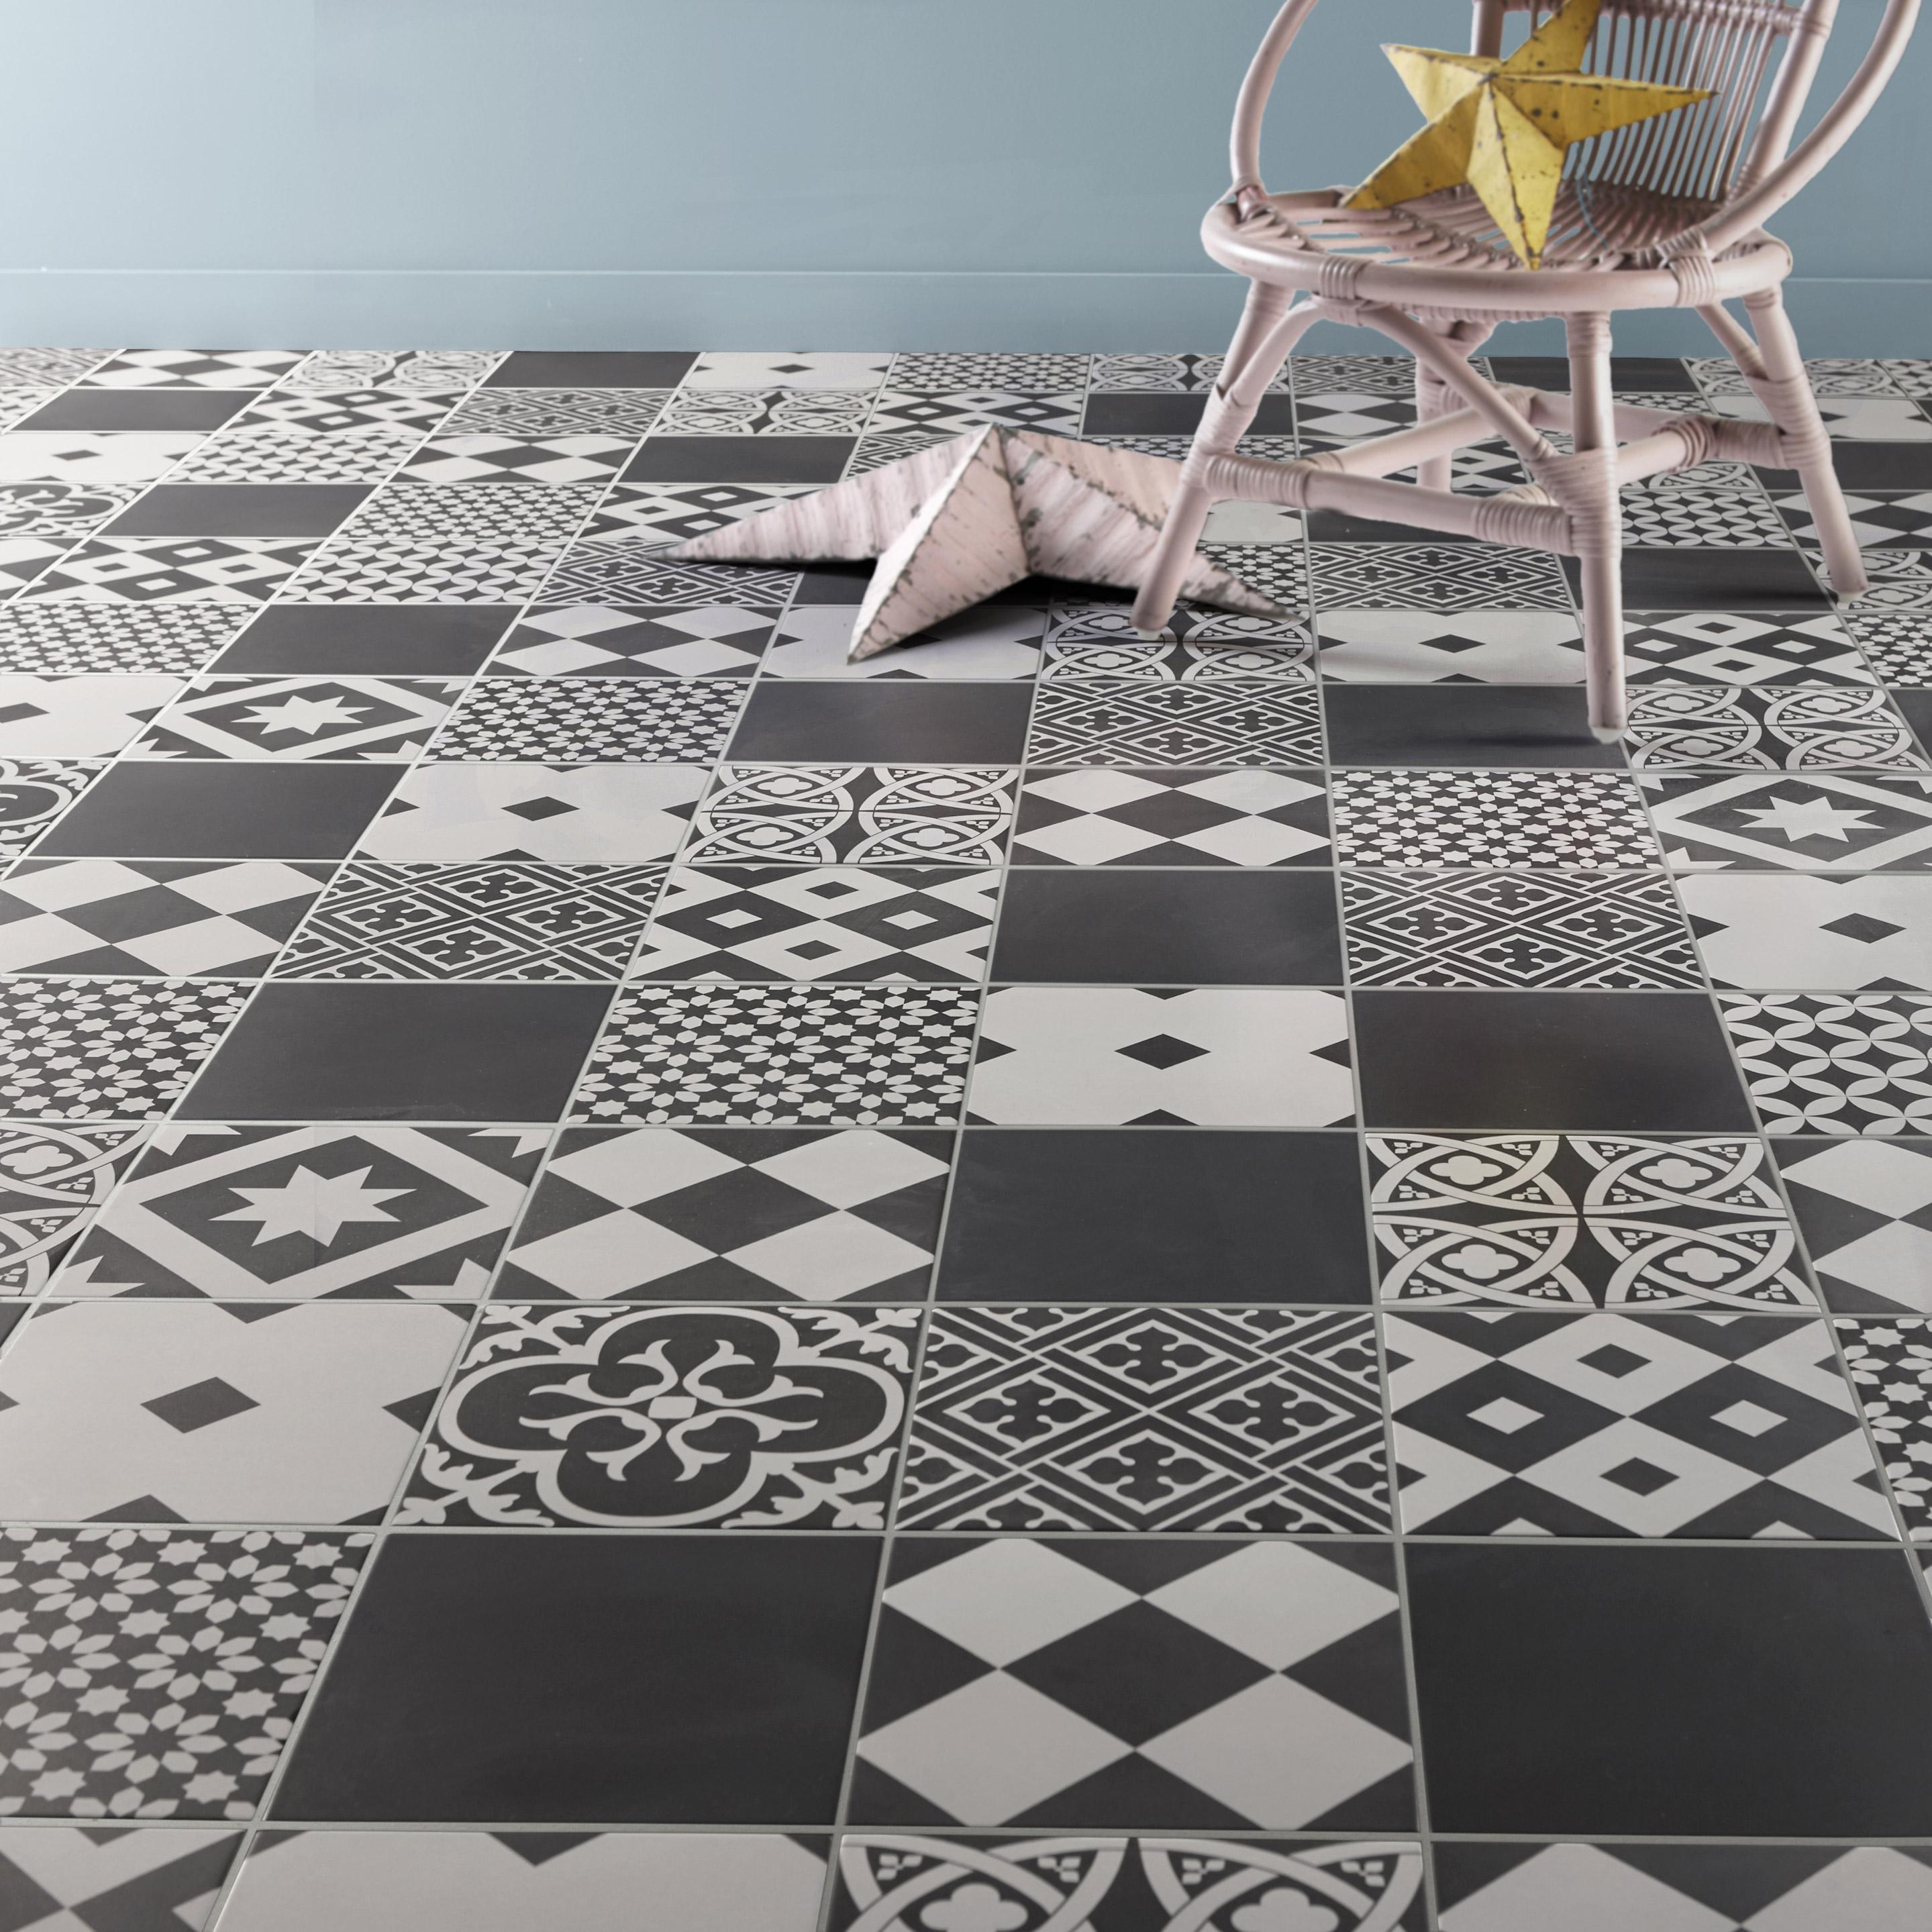 Epaisseur Carreau De Ciment carrelage sol mur forte effet carreau de ciment noir blanc gatsby l.20xl.20  cm